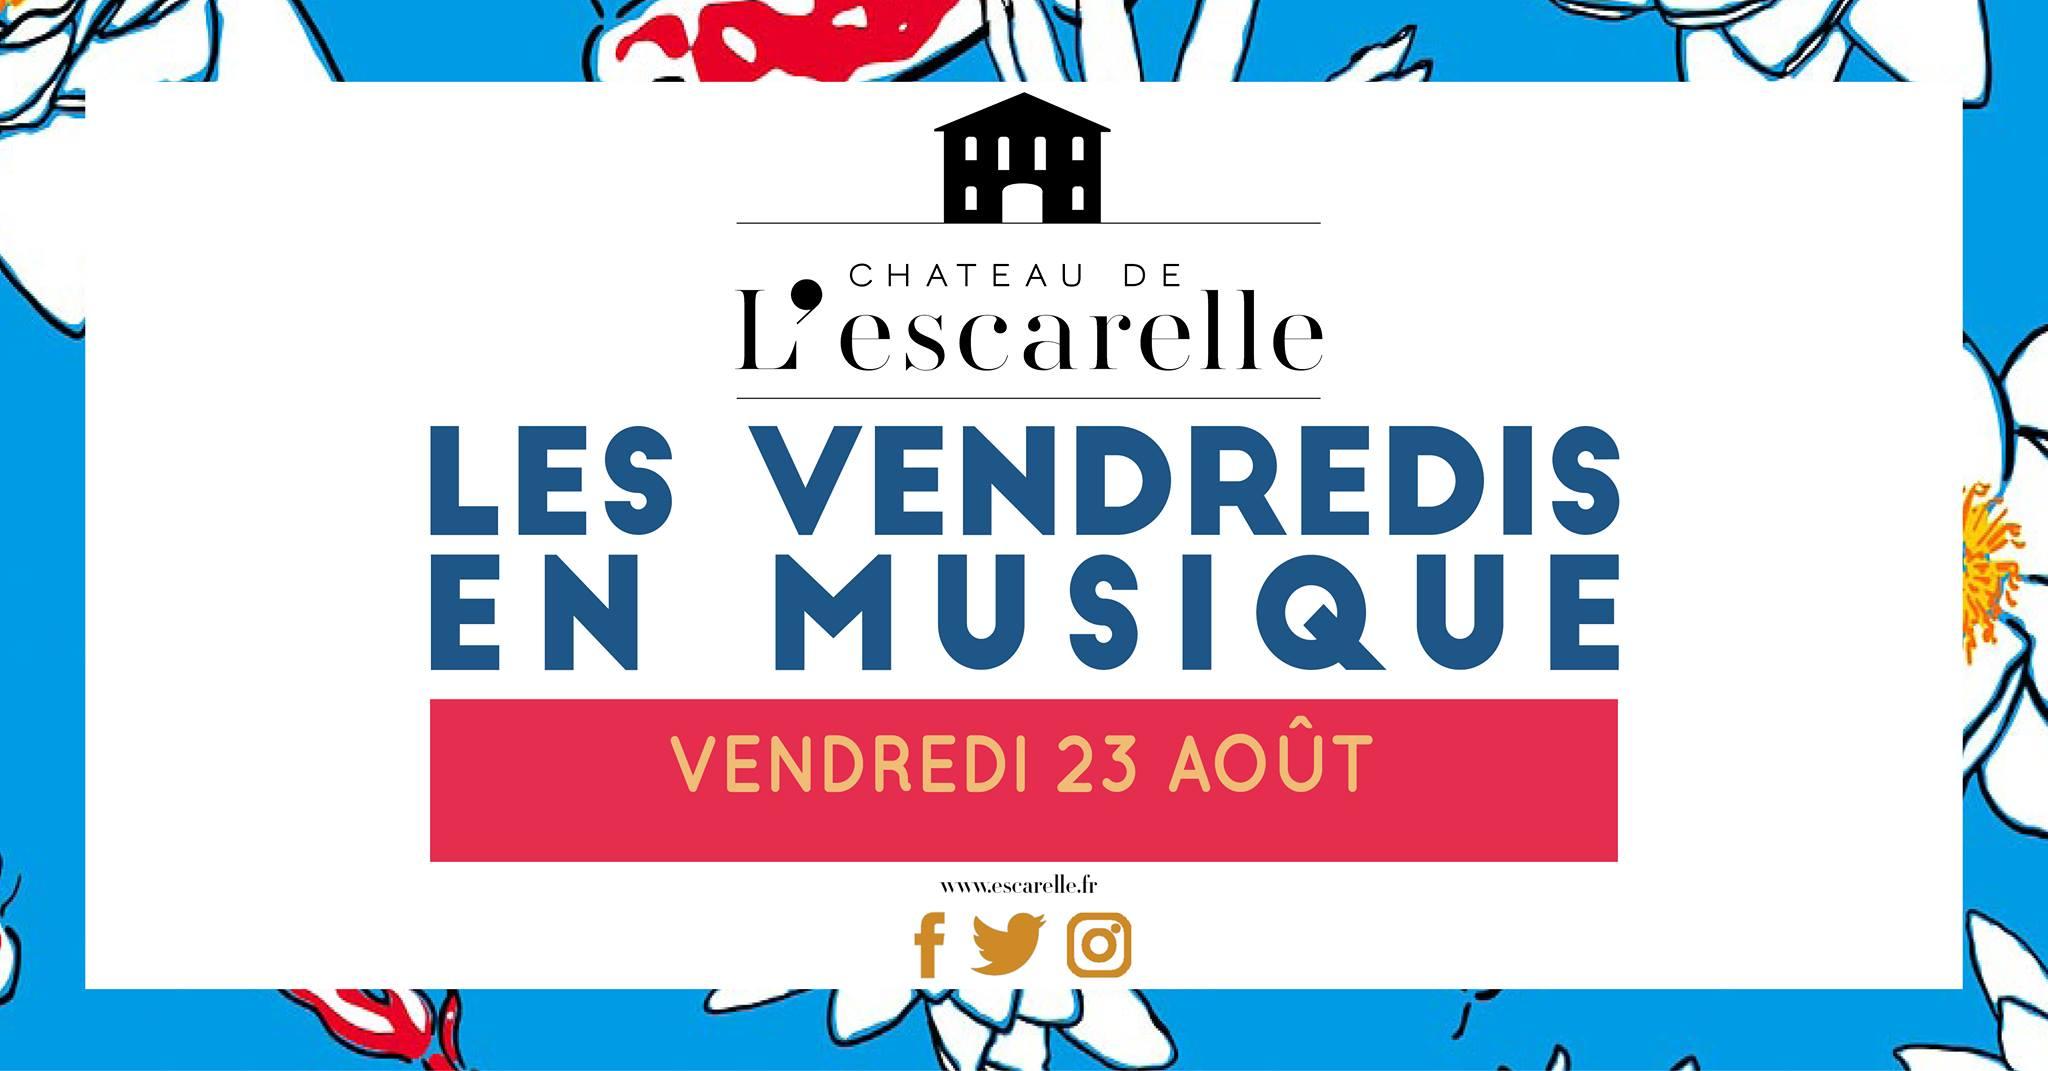 chateau de l'escarelle 23.08.19